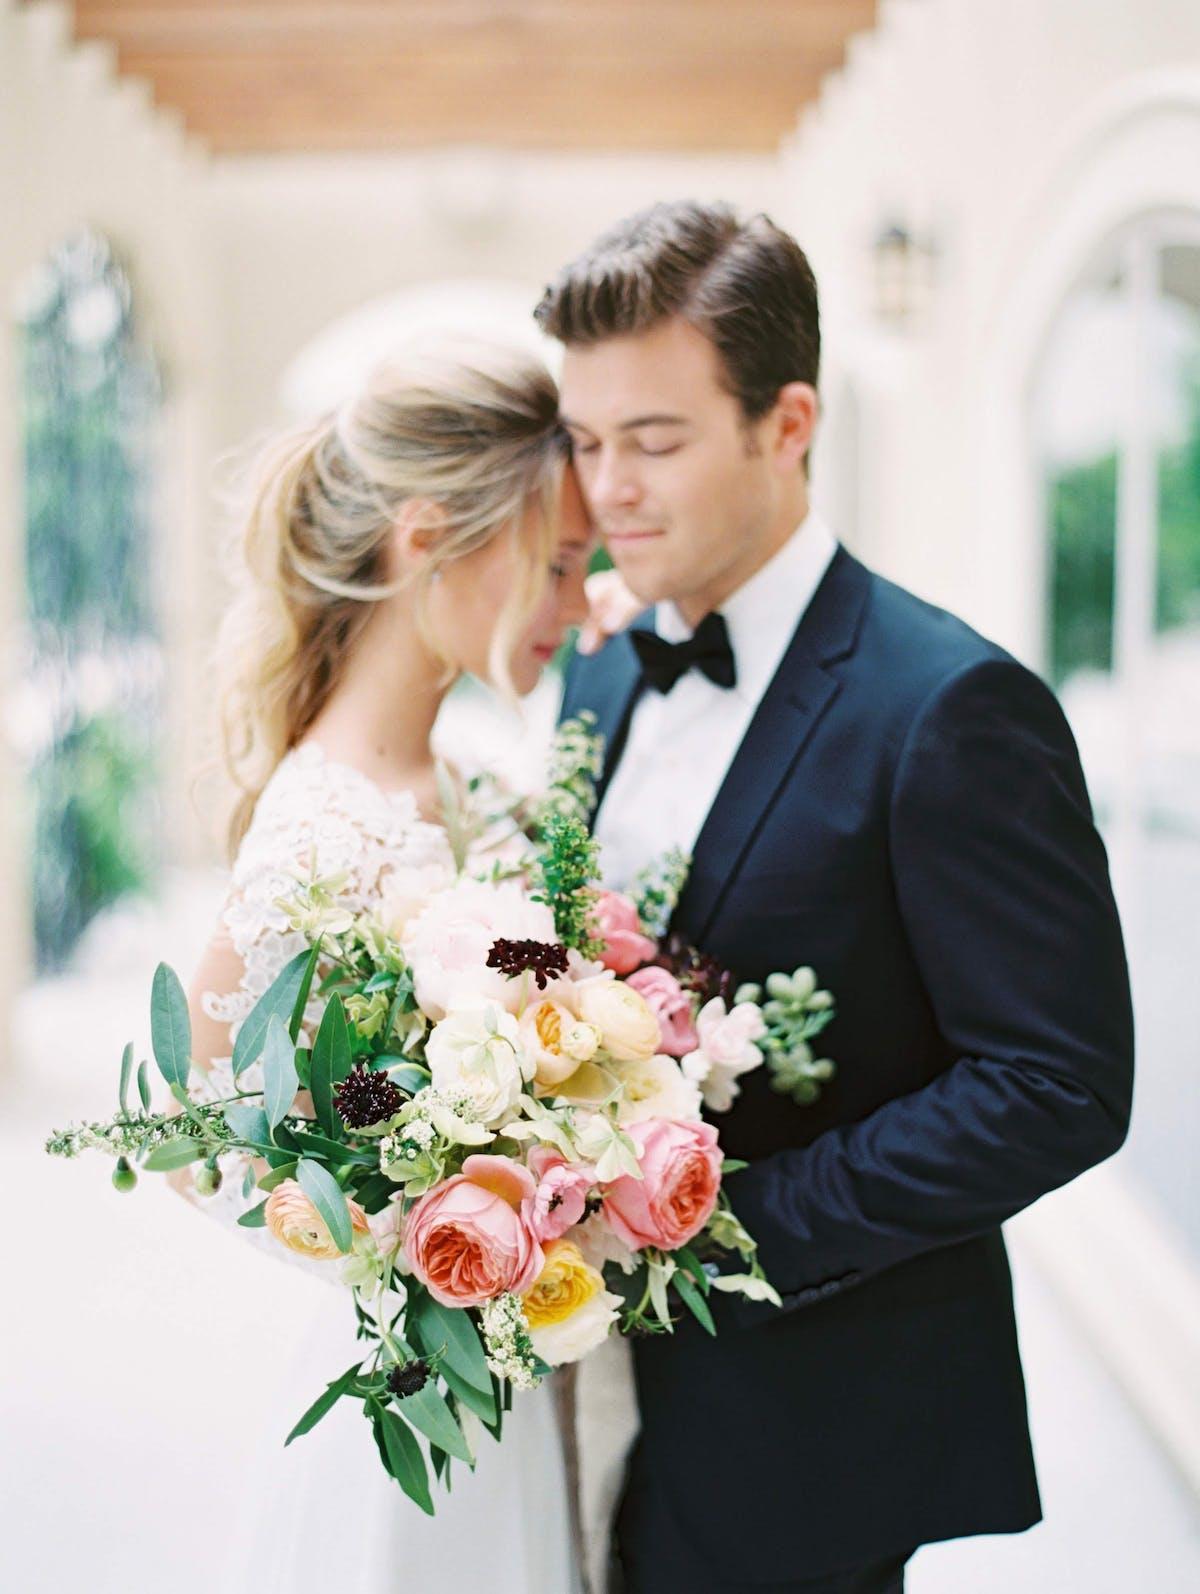 wedding tuxedo in ruffled blog